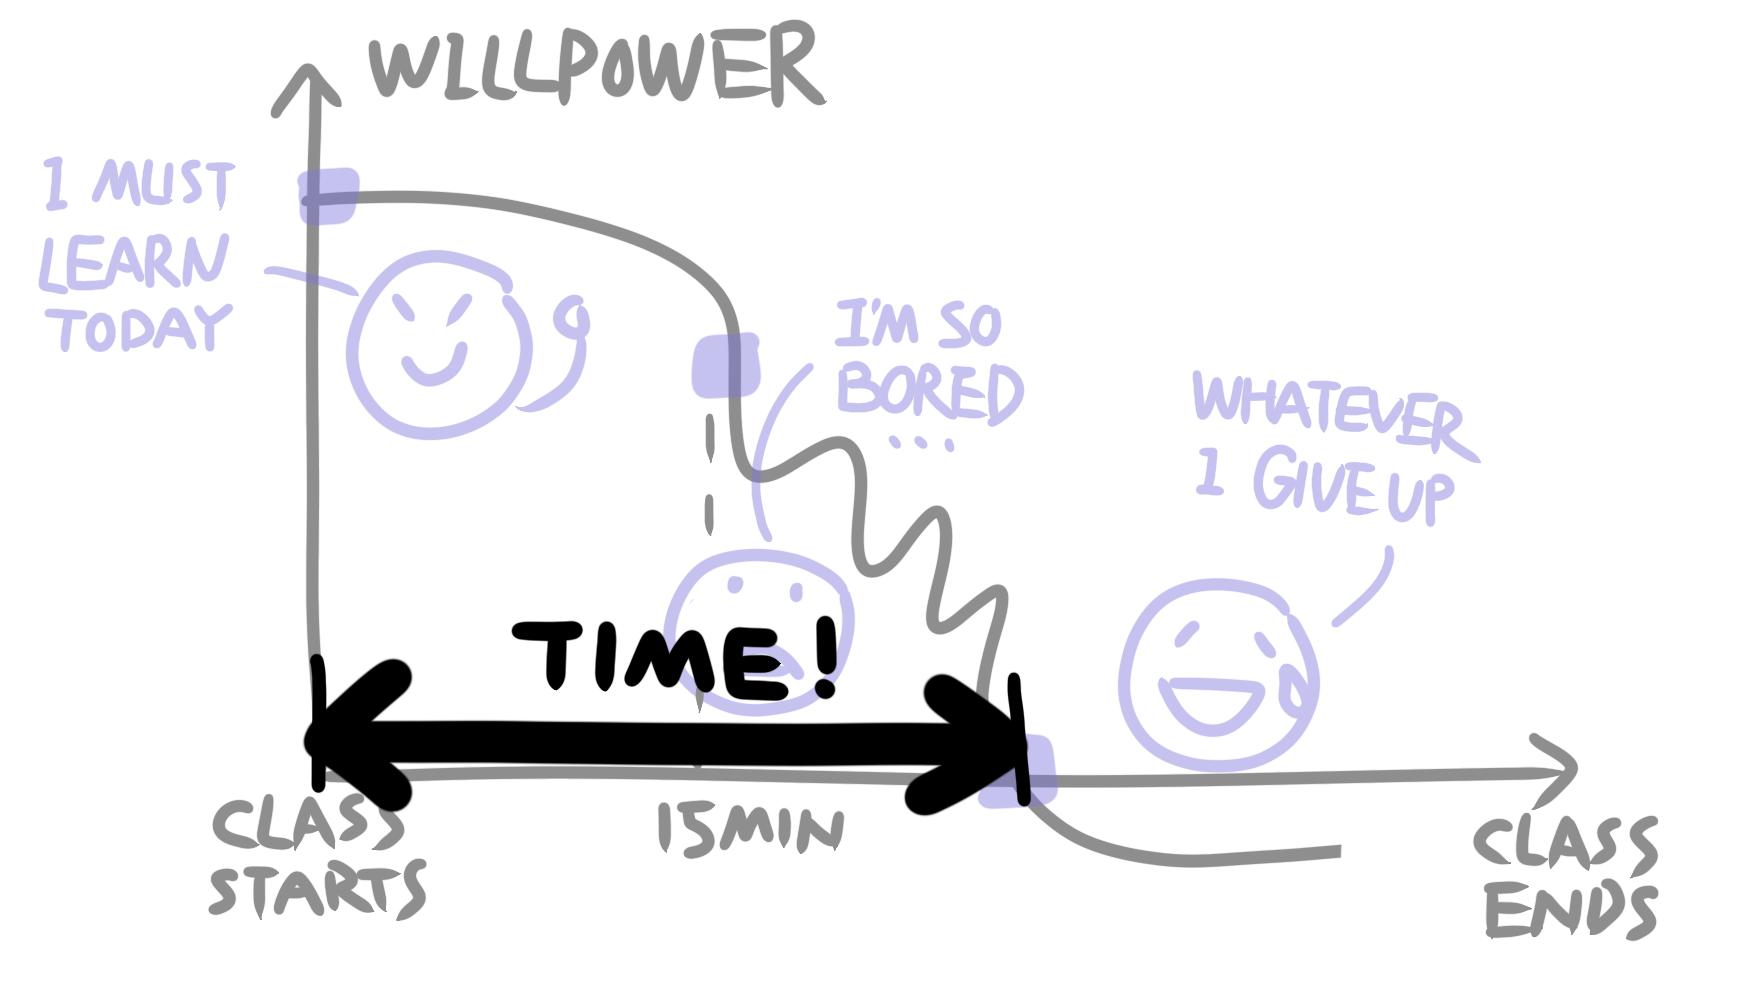 Gap_Between_Willpower 3.png